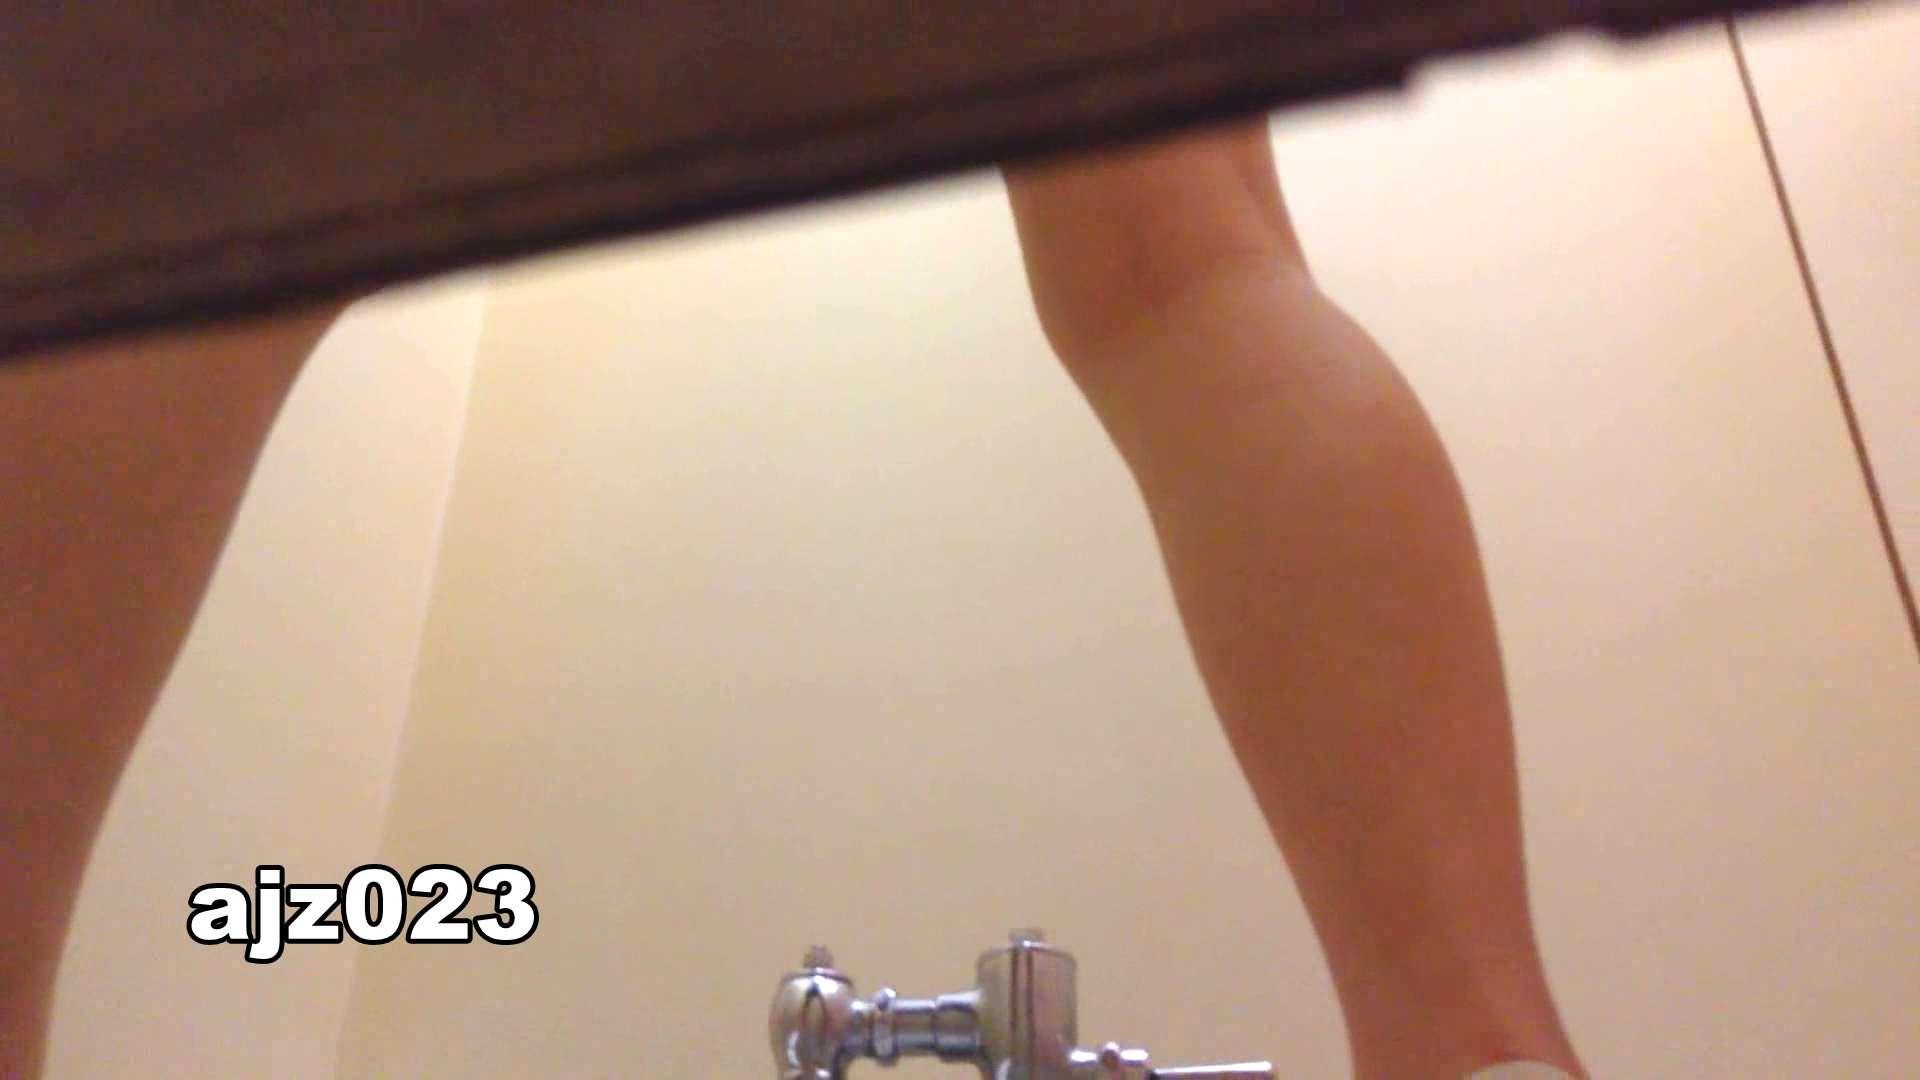 某有名大学女性洗面所 vol.23 投稿 オマンコ無修正動画無料 52pic 4